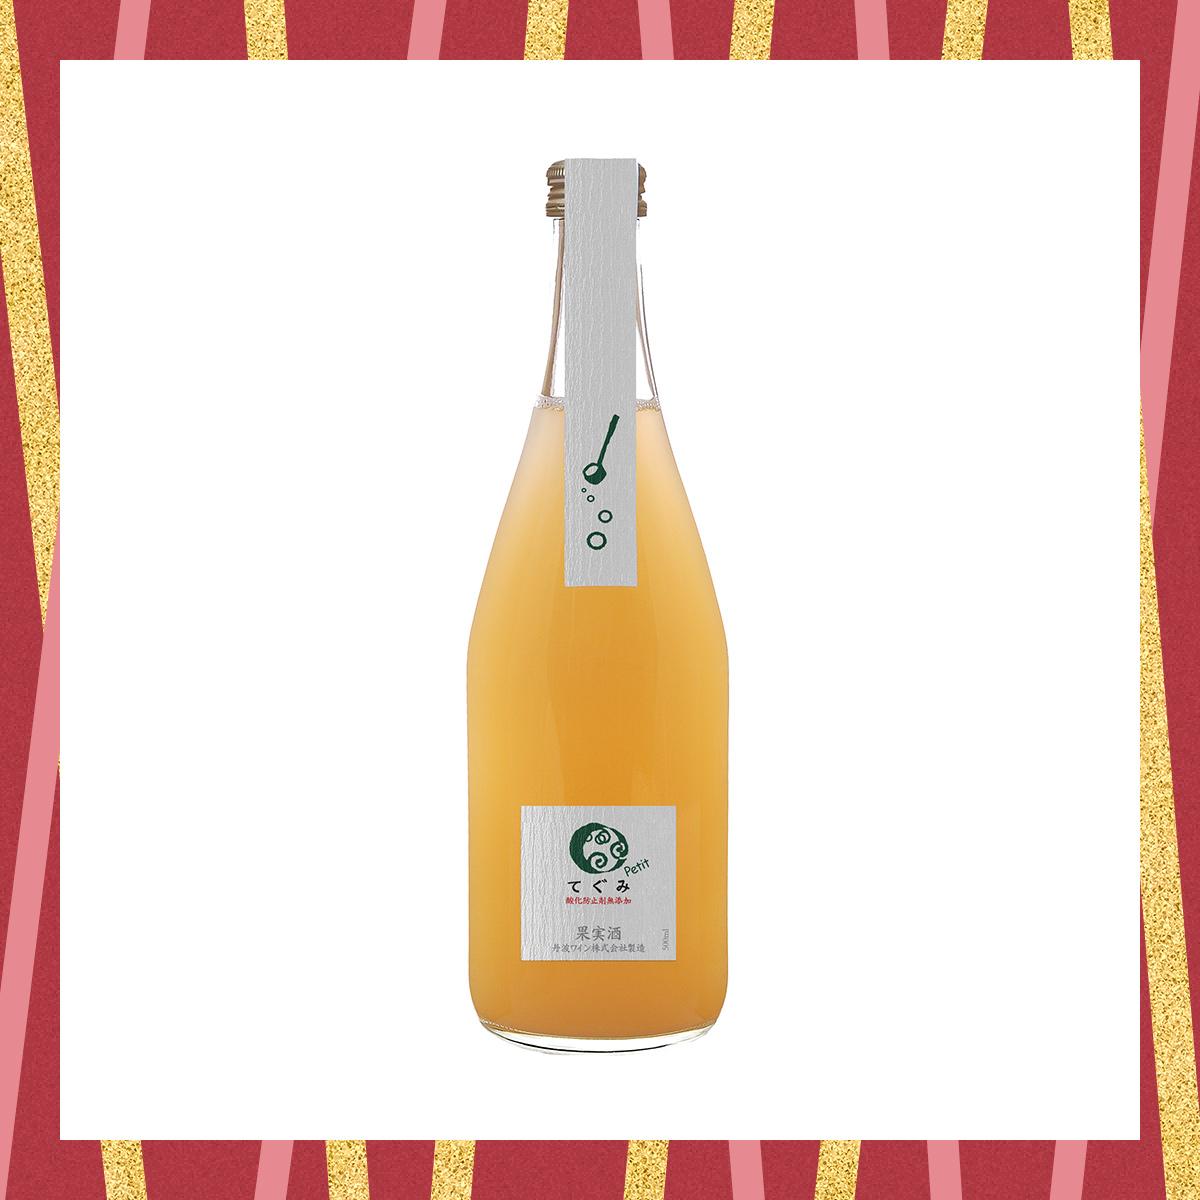 京都生まれのスパークリングワイン